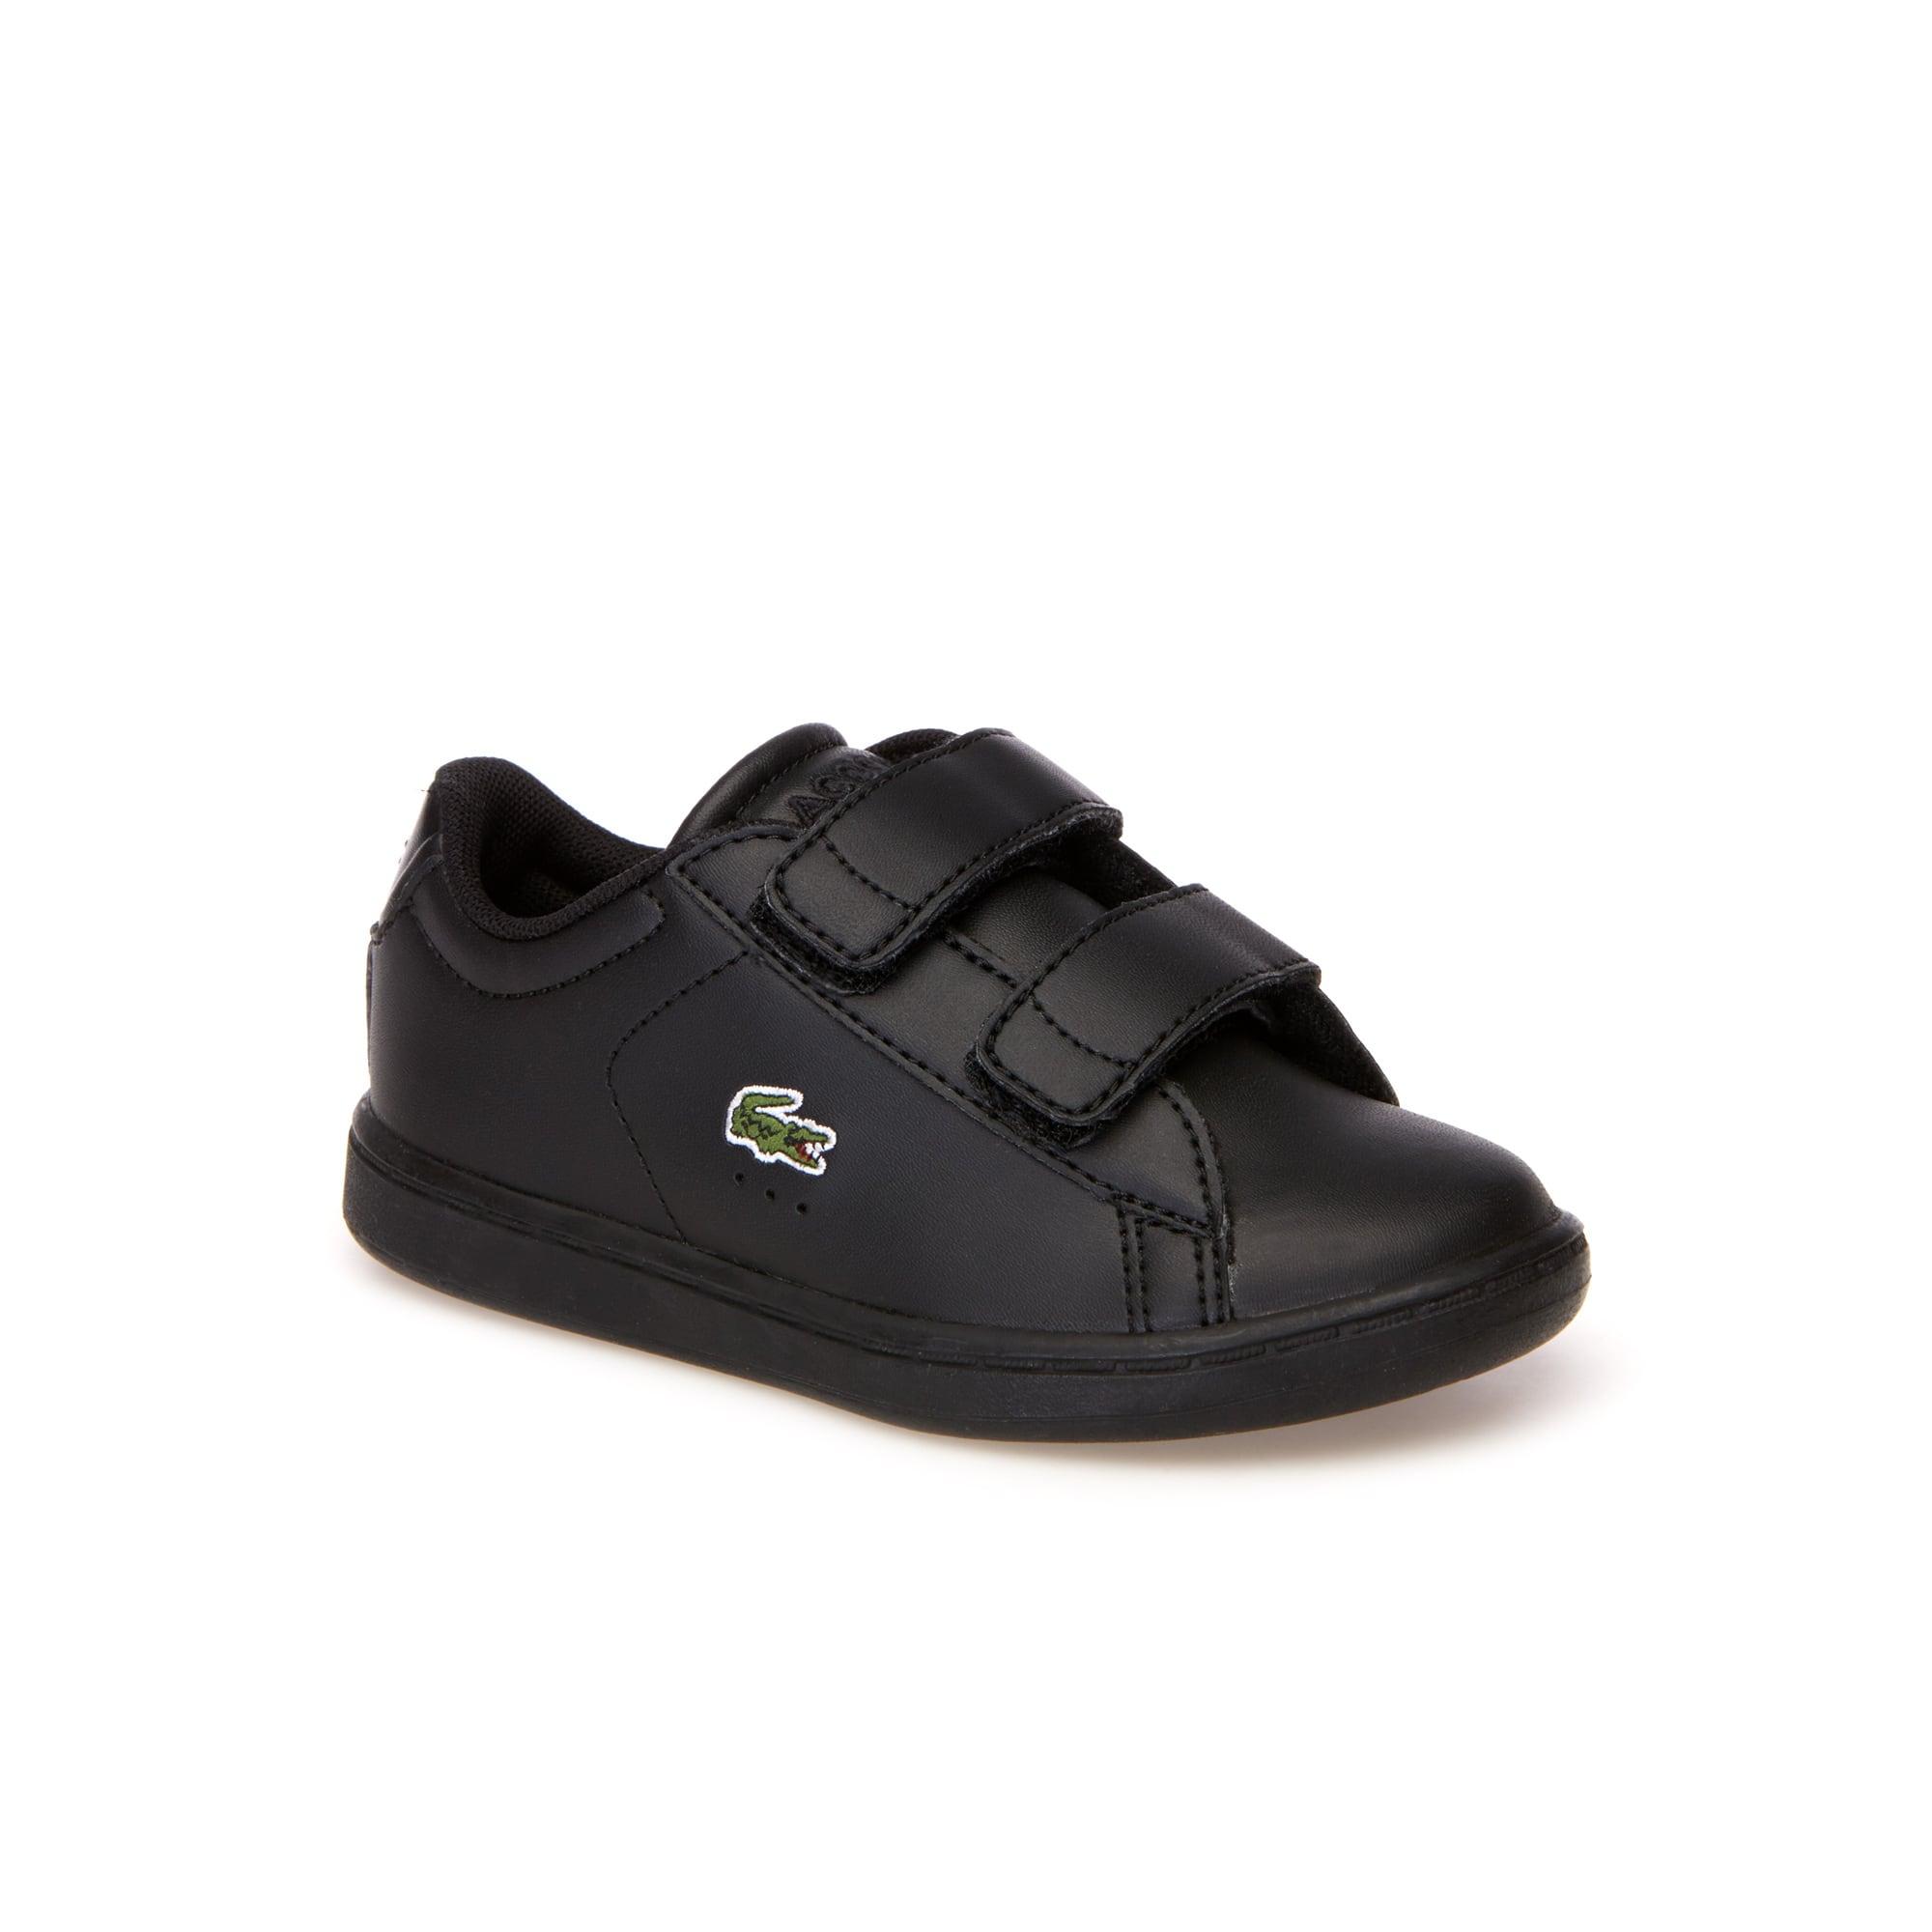 حذاء Carnaby Evo الرياضي للأطفال الرضع